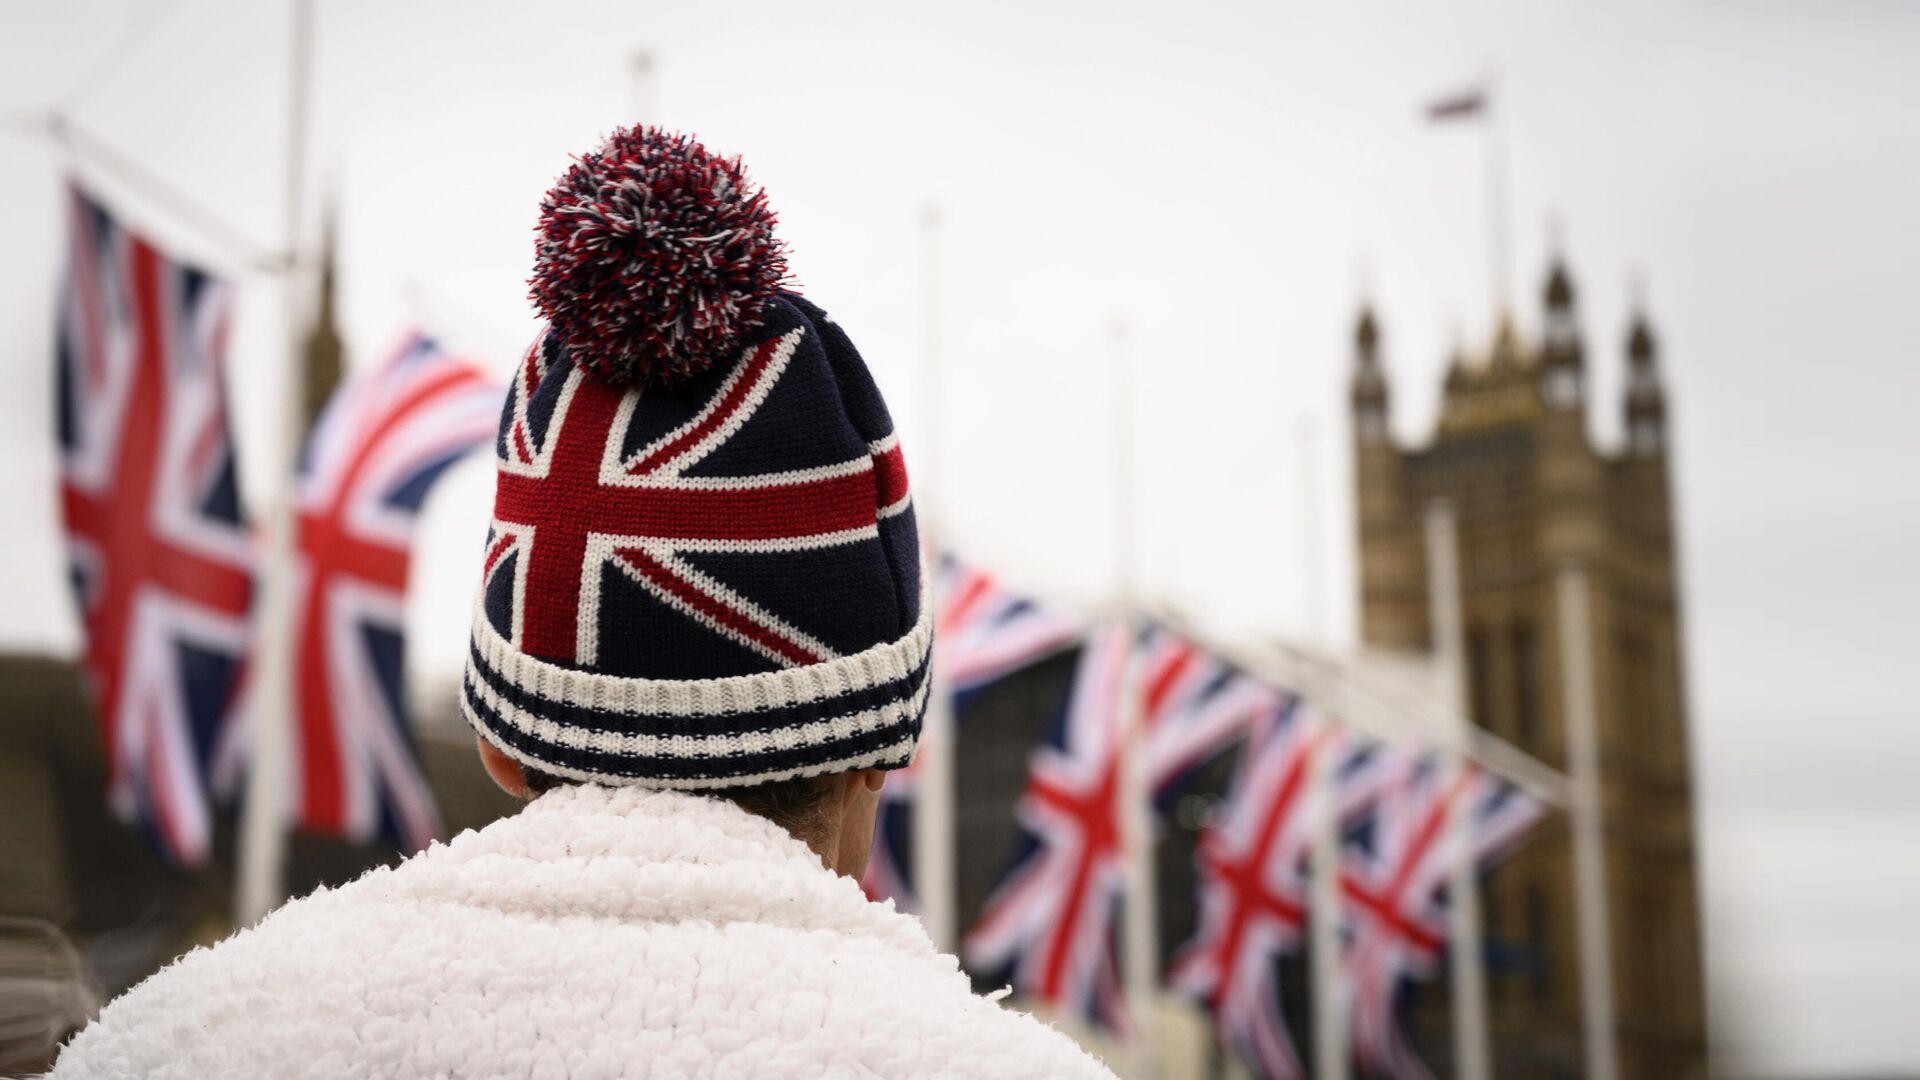 Сторонник Brexit на торжественных мероприятиях, посвященных выходу Великобритании из ЕС (Brexit Party) на площади Парламента в Лондоне - РИА Новости, 1920, 23.07.2020